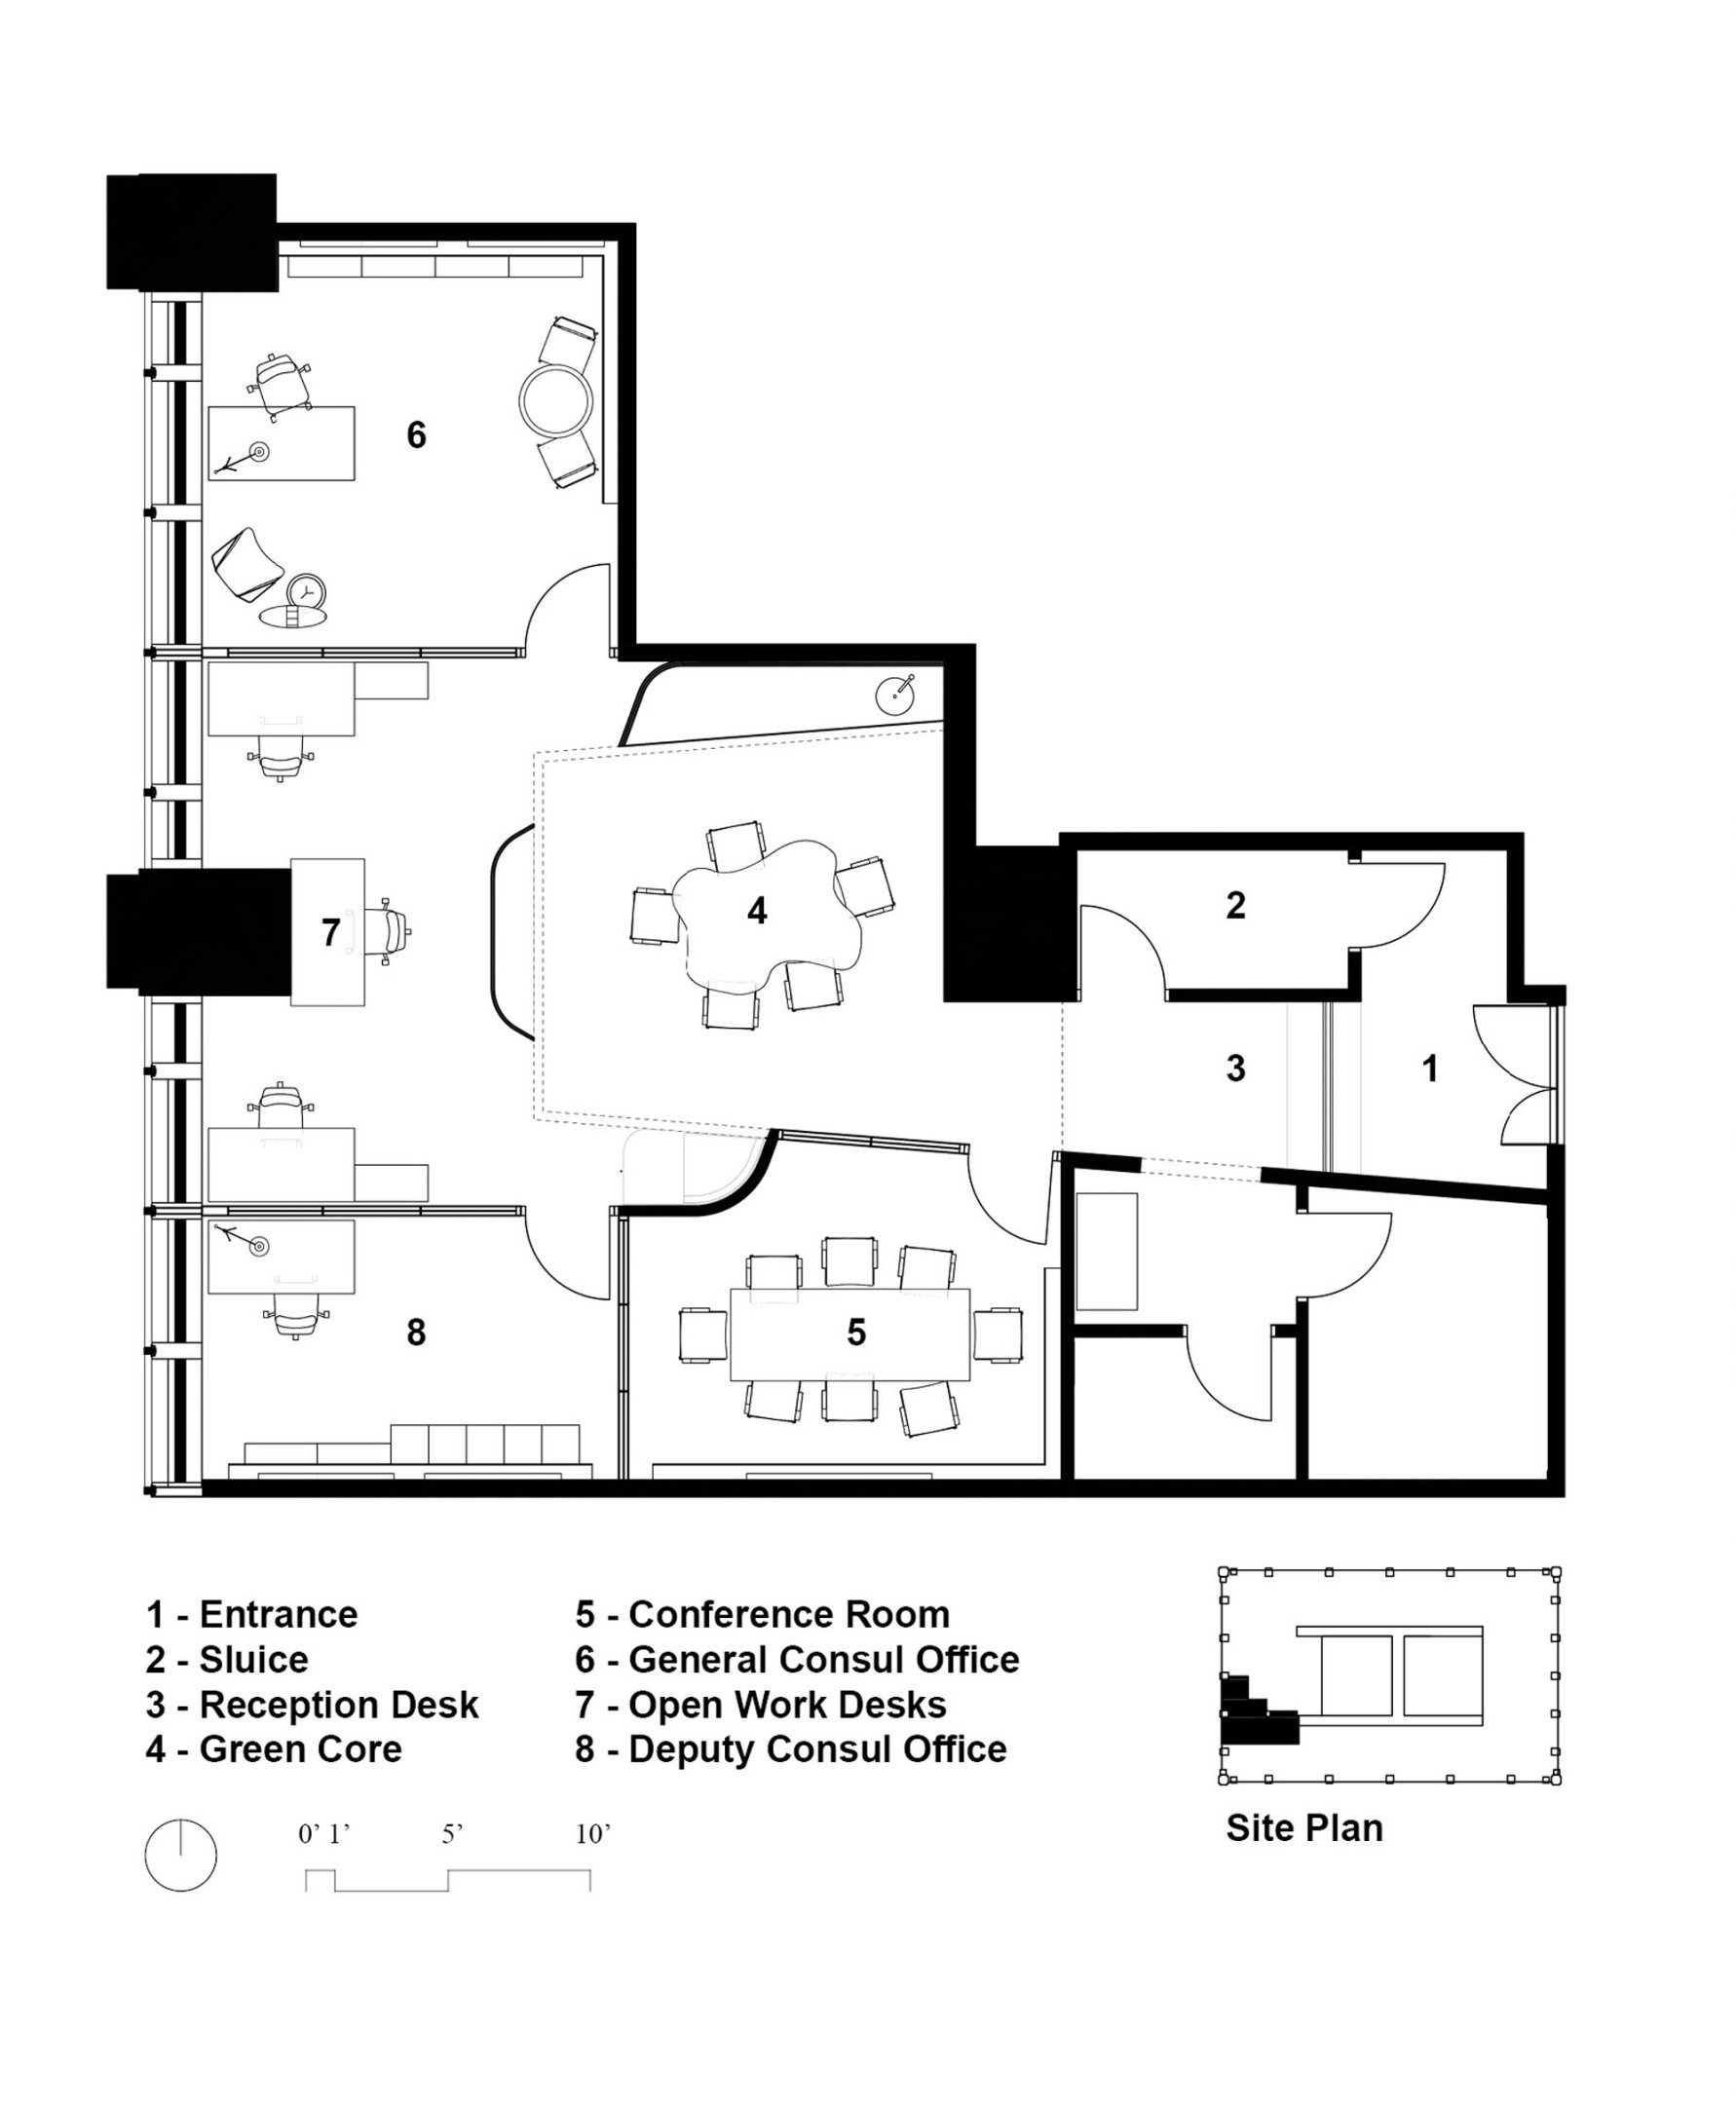 Grundriss des Schweizer Konsulats.Visualisierung: HHF Architekten + Kwong Von Glnow